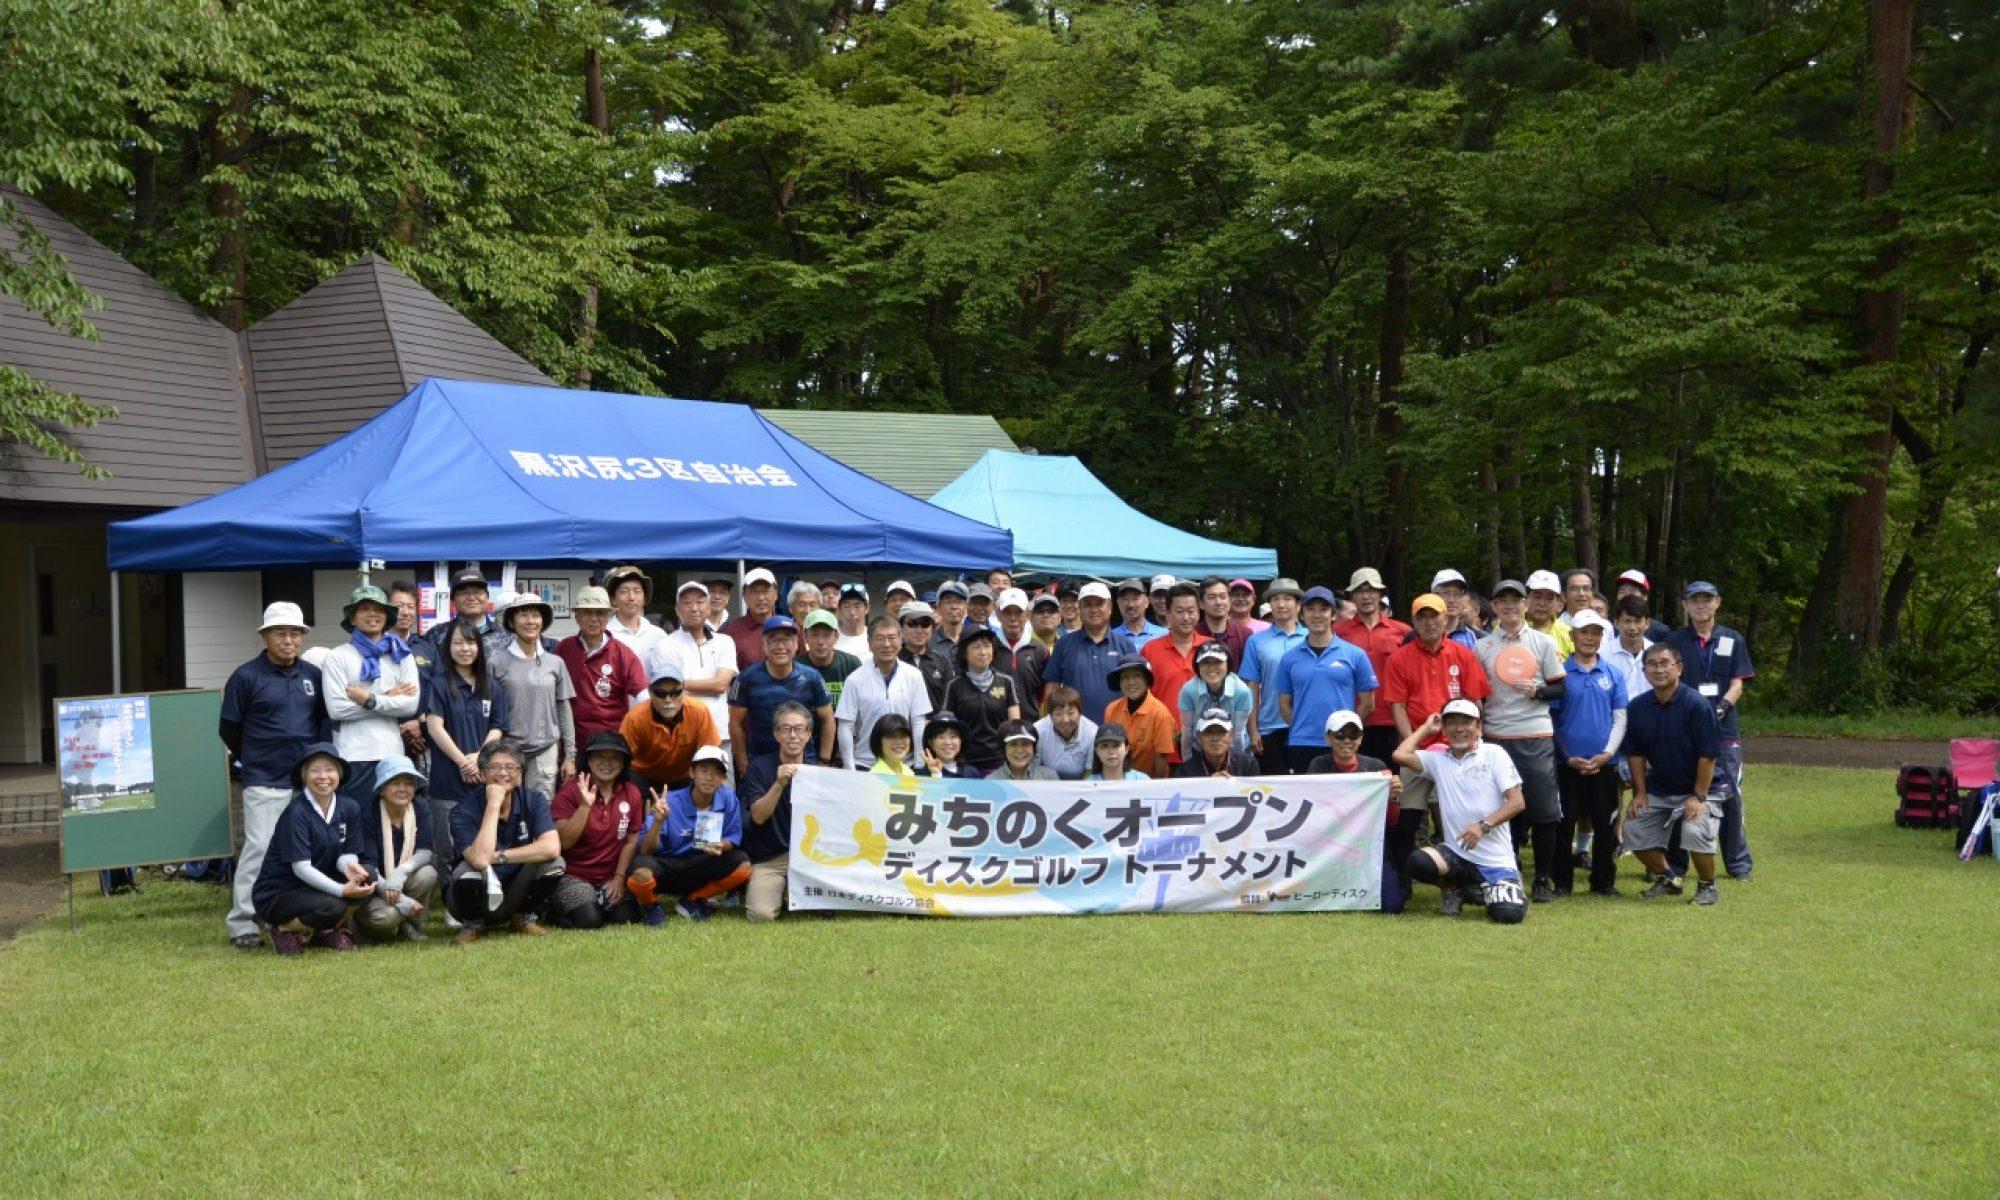 岩手県ディスクゴルフ協会